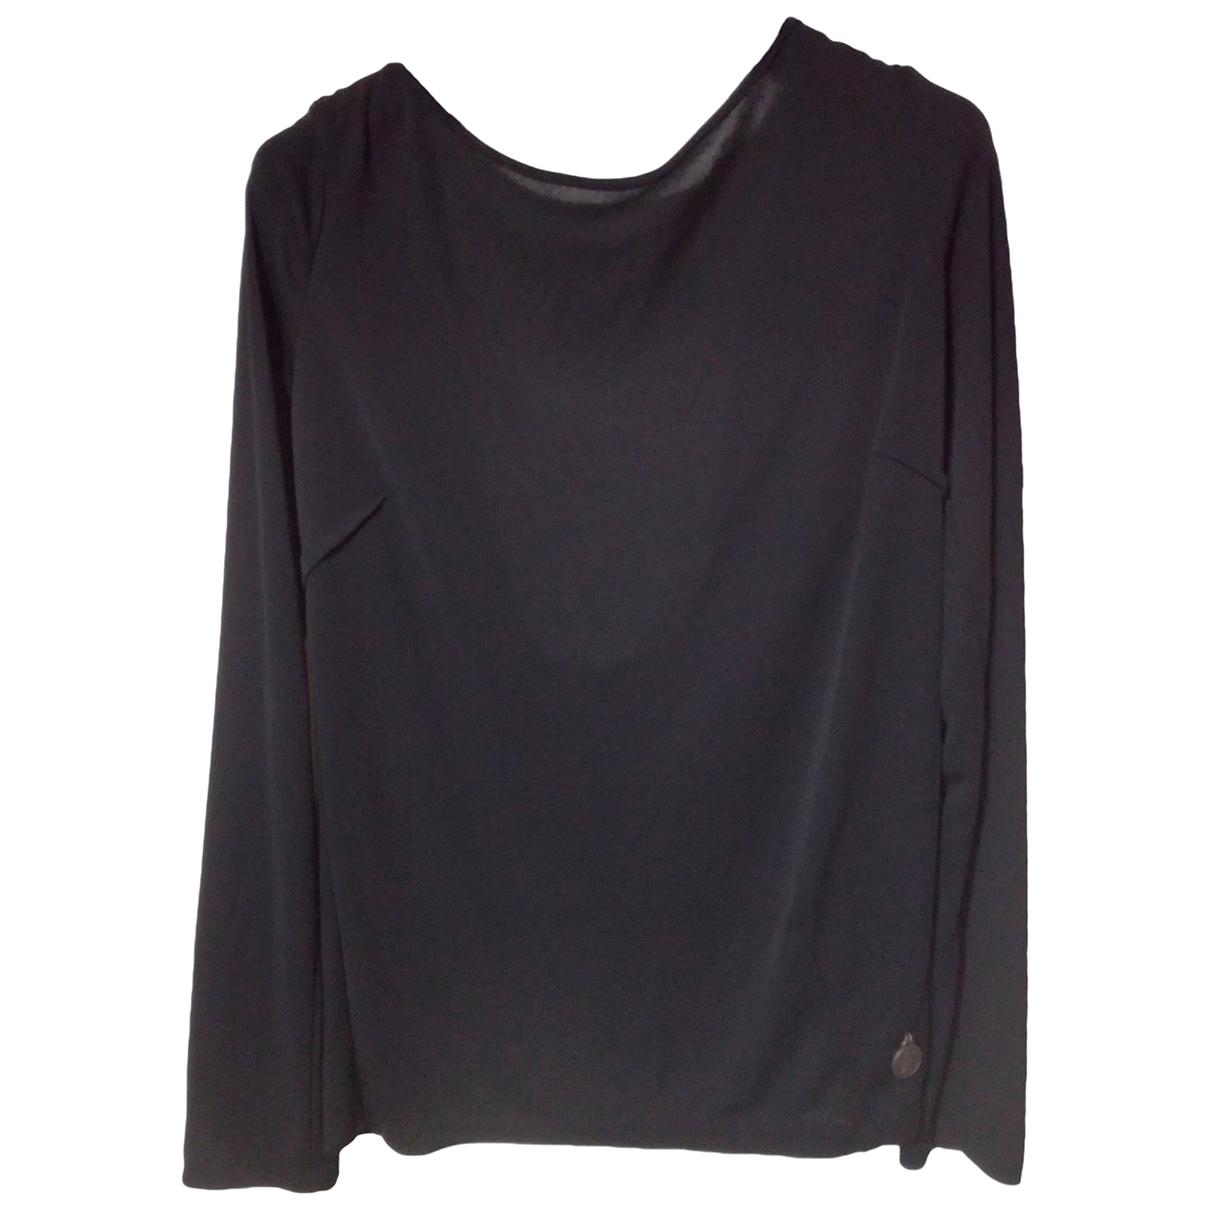 Galliano - Top   pour femme - noir